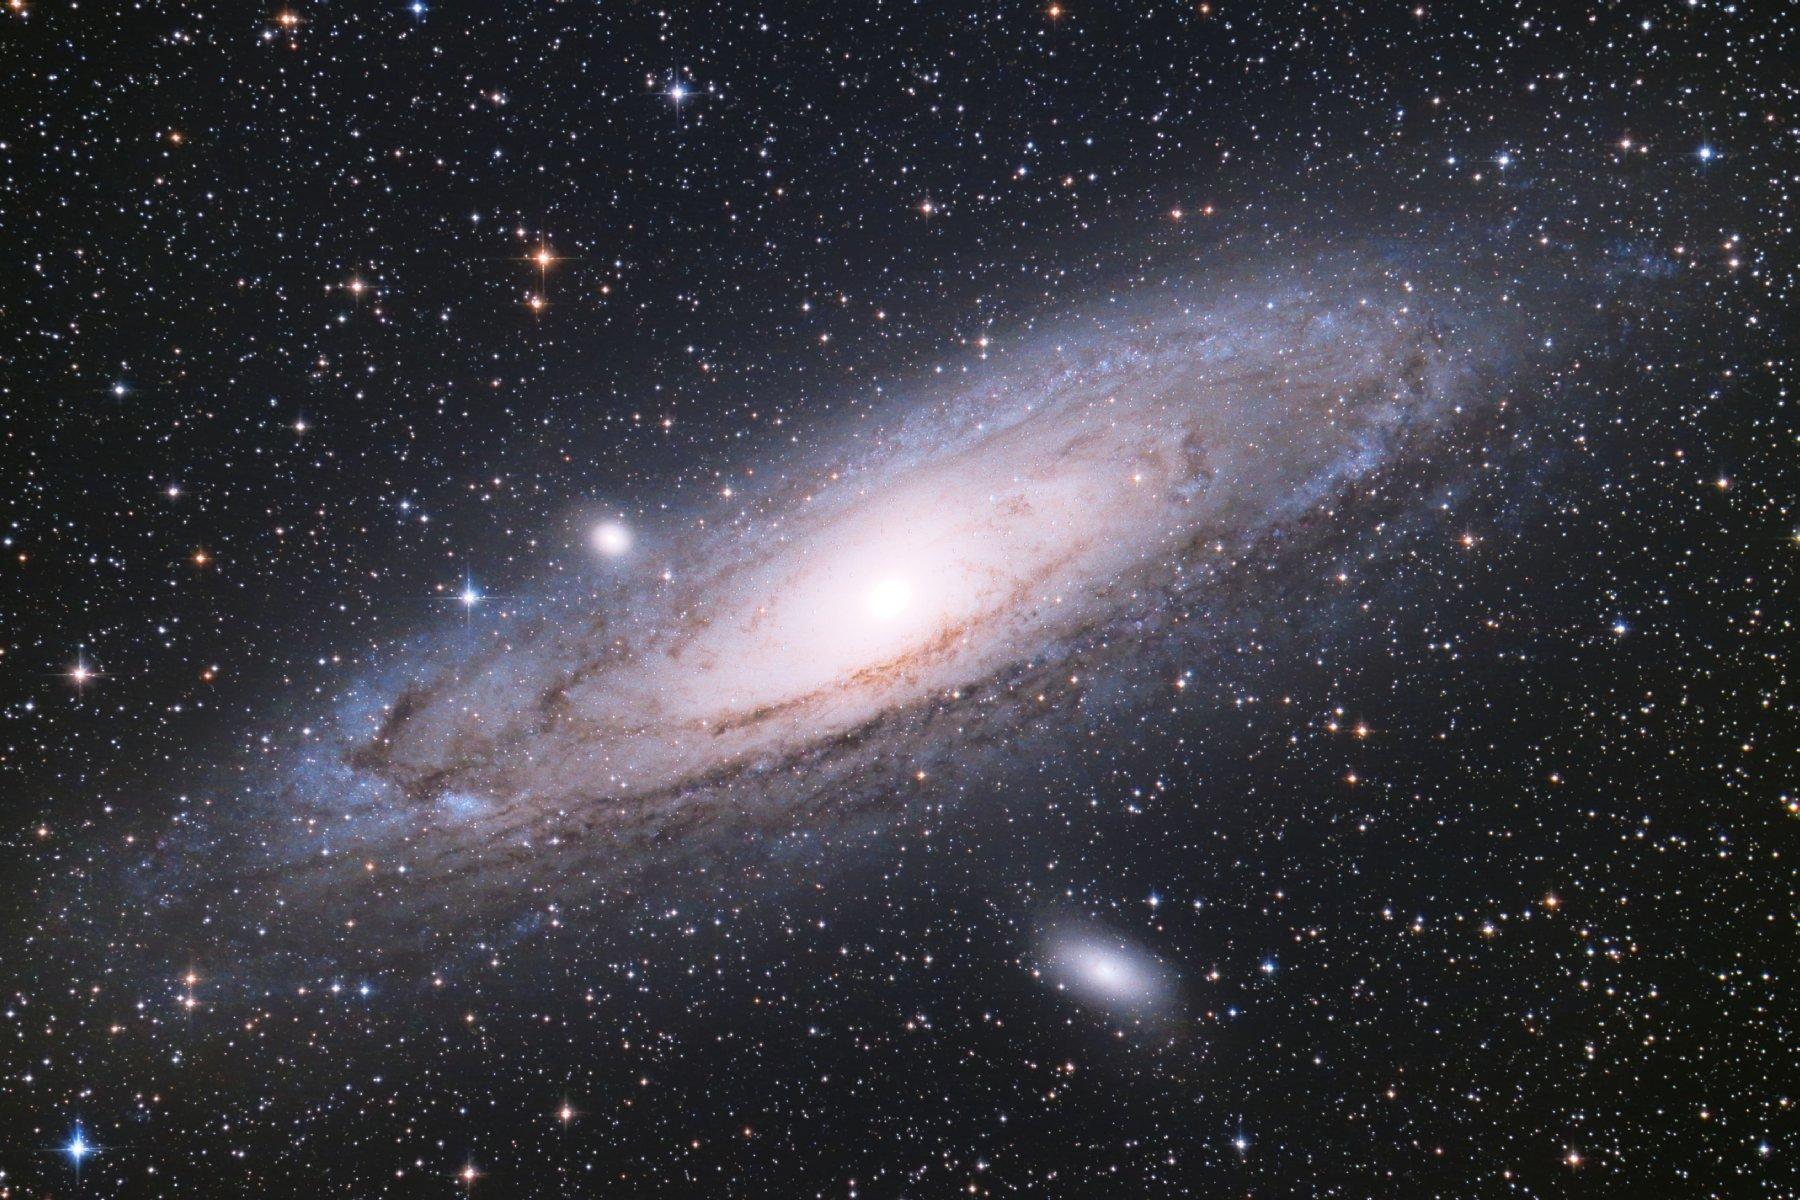 【星雲】M31 アンドロメダ銀河 (新システム1stライト)